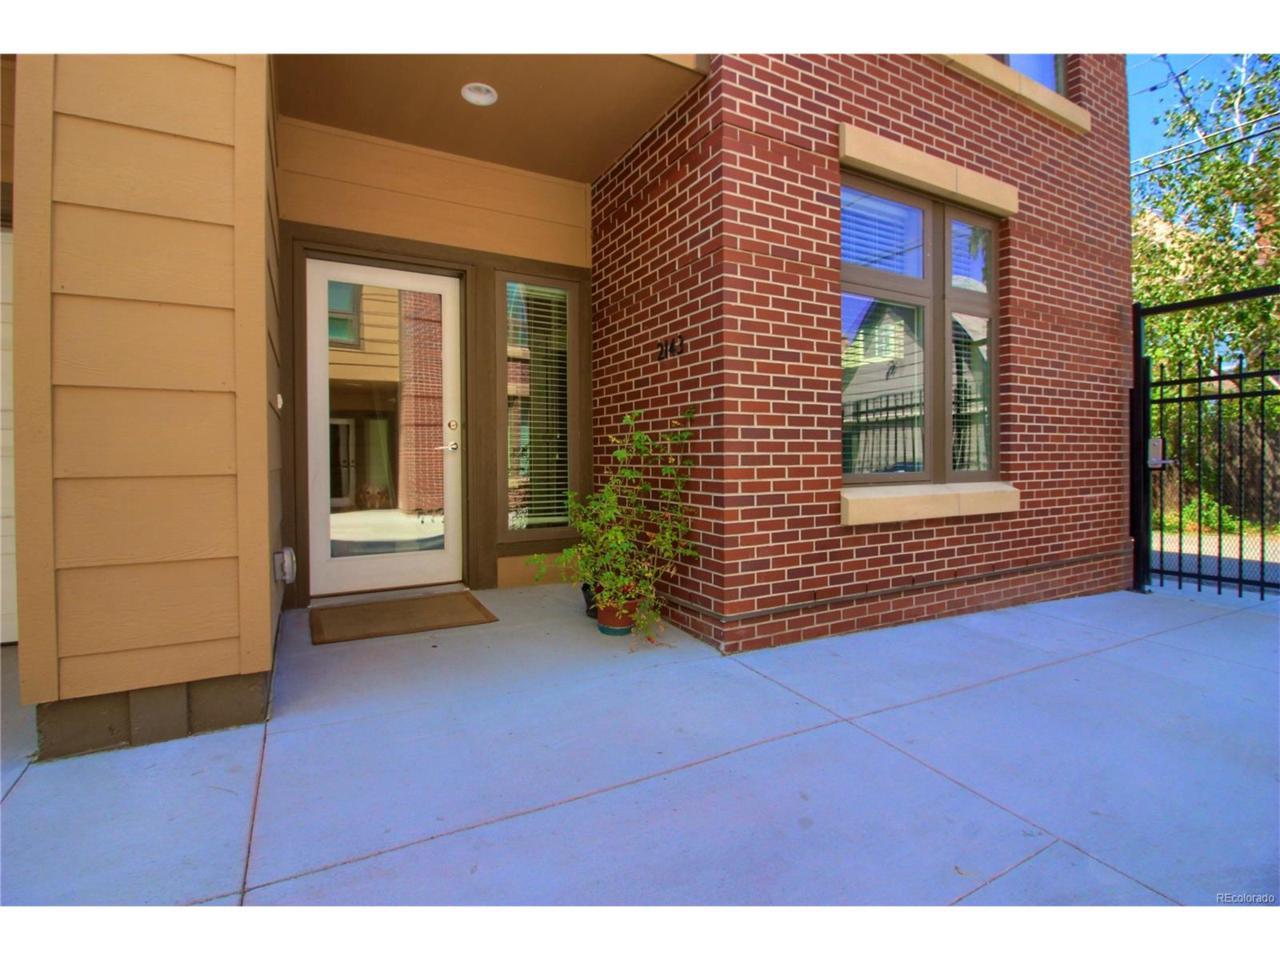 2143 N Downing Street, Denver, CO 80205 (MLS #6512352) :: 8z Real Estate